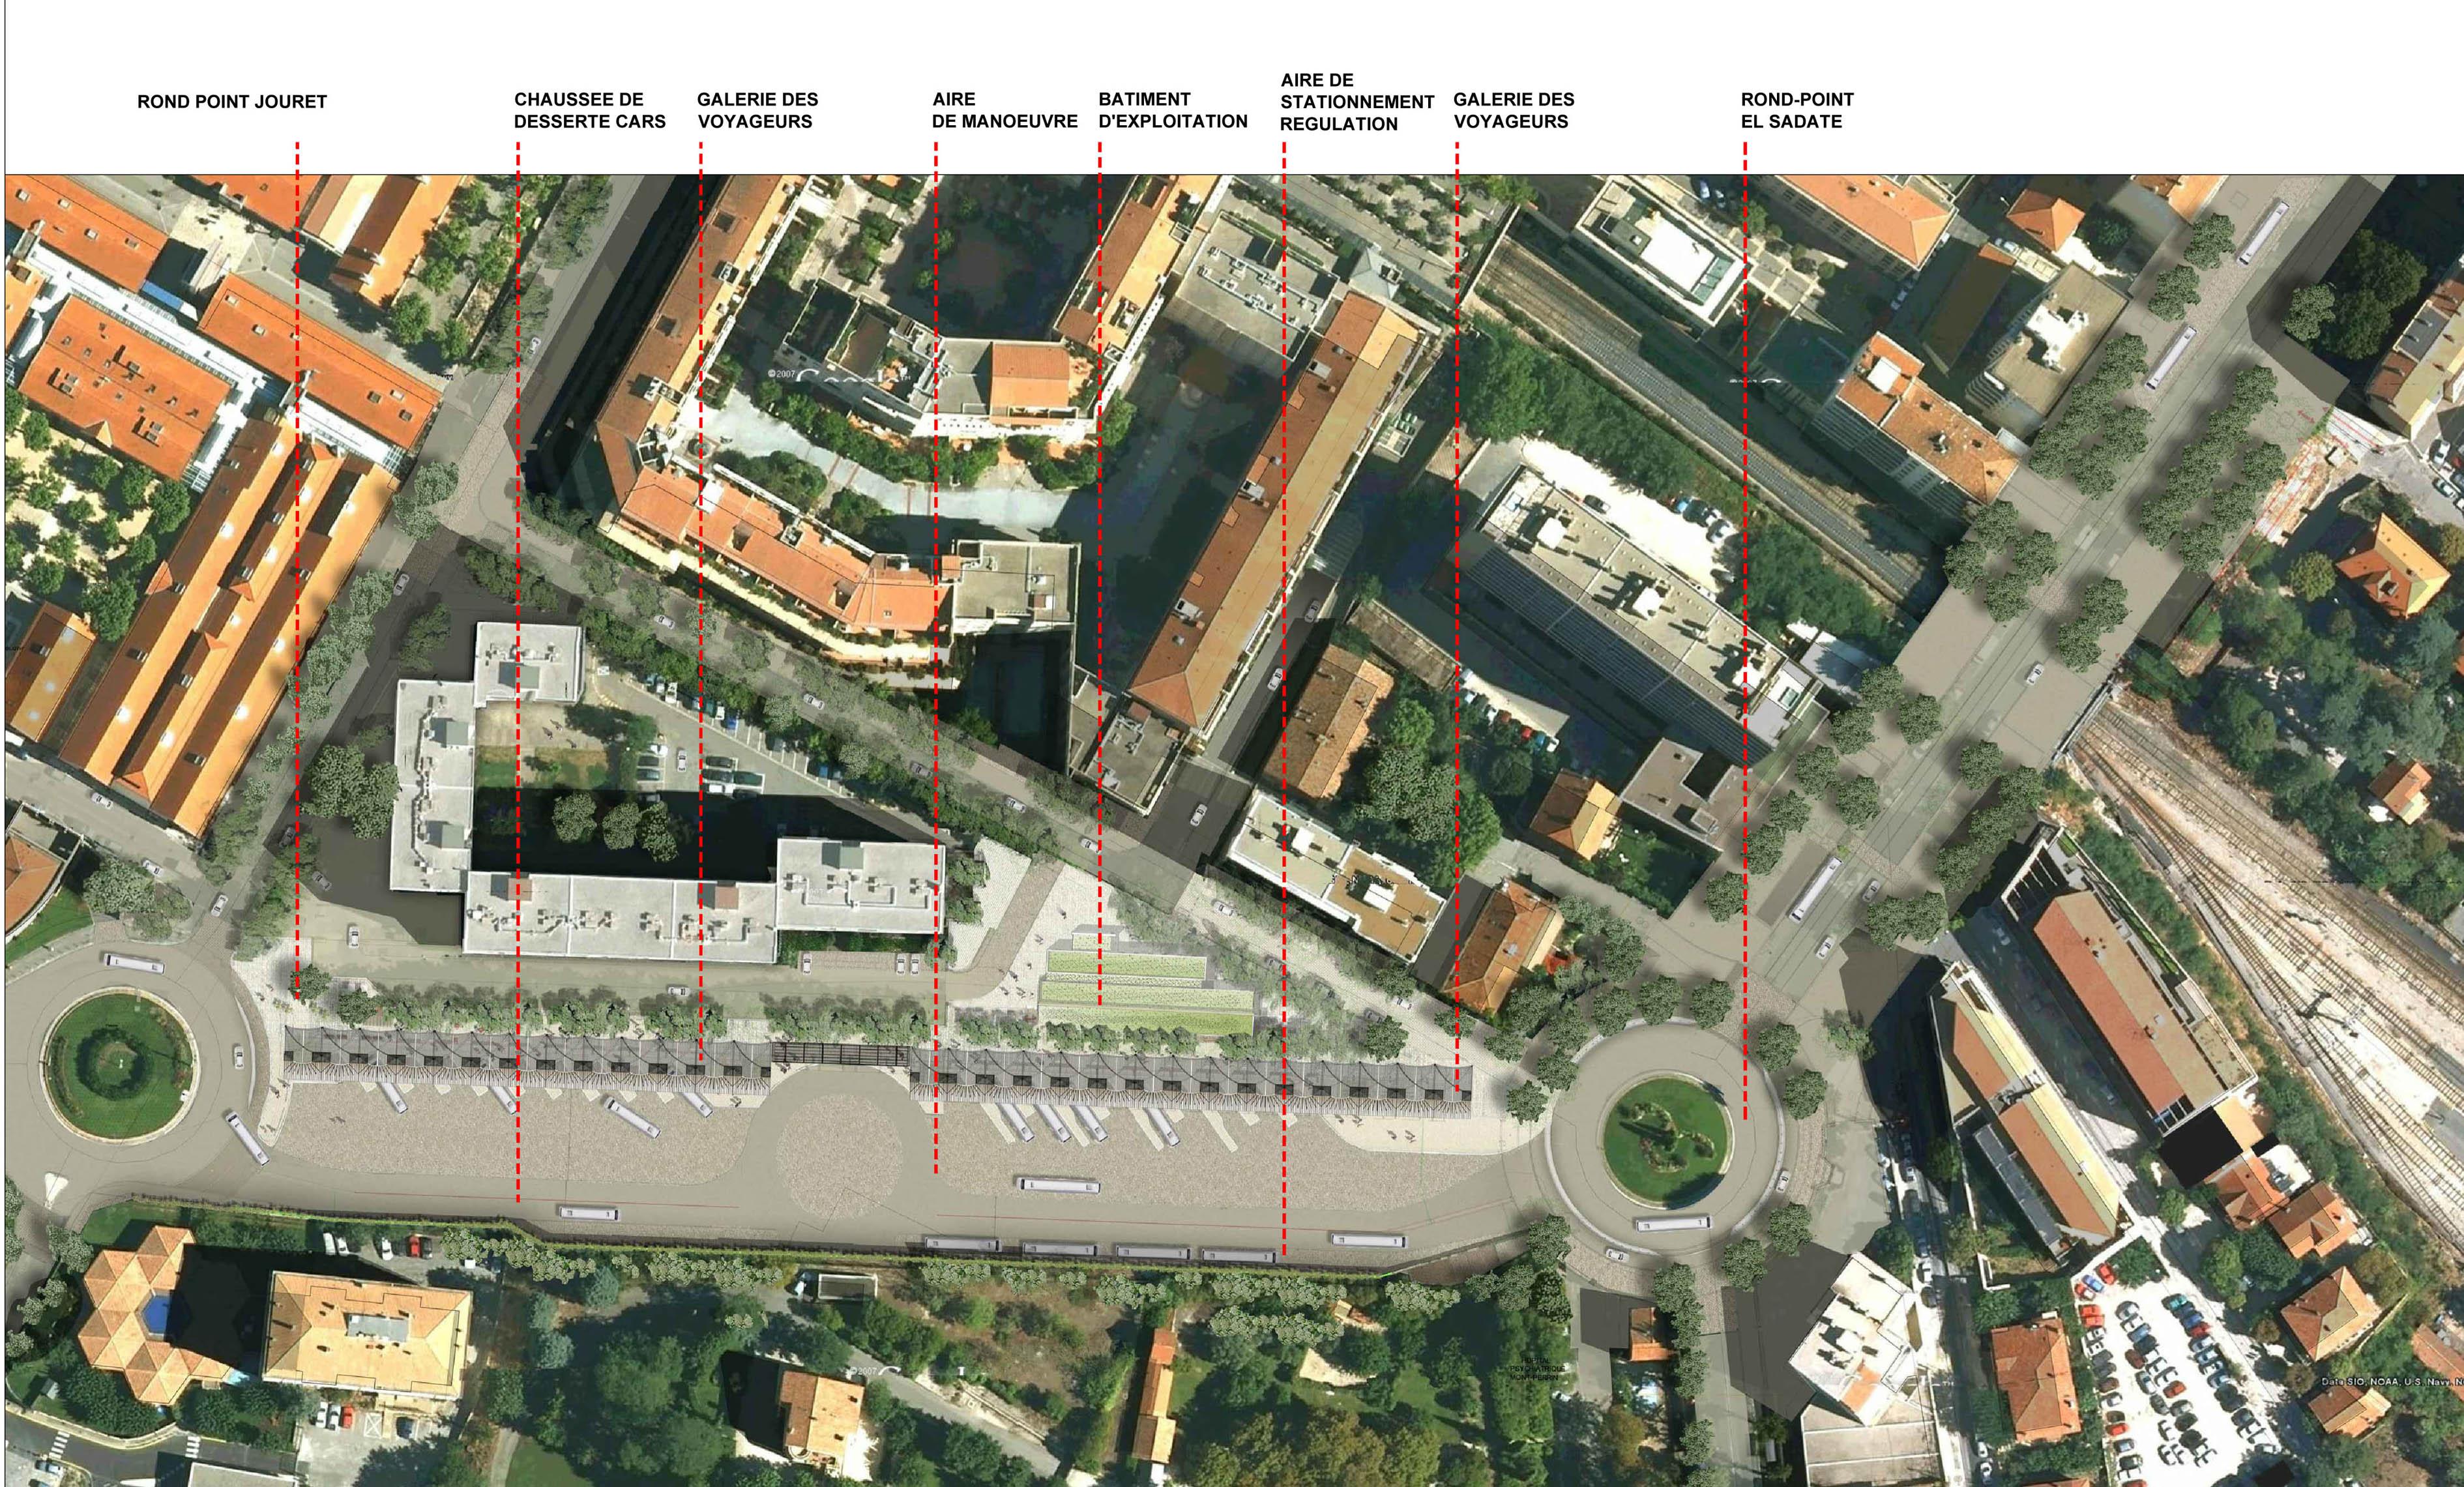 Nouvelle gare routi re d aix en provence spla pays d aix for Gare routiere salon de provence